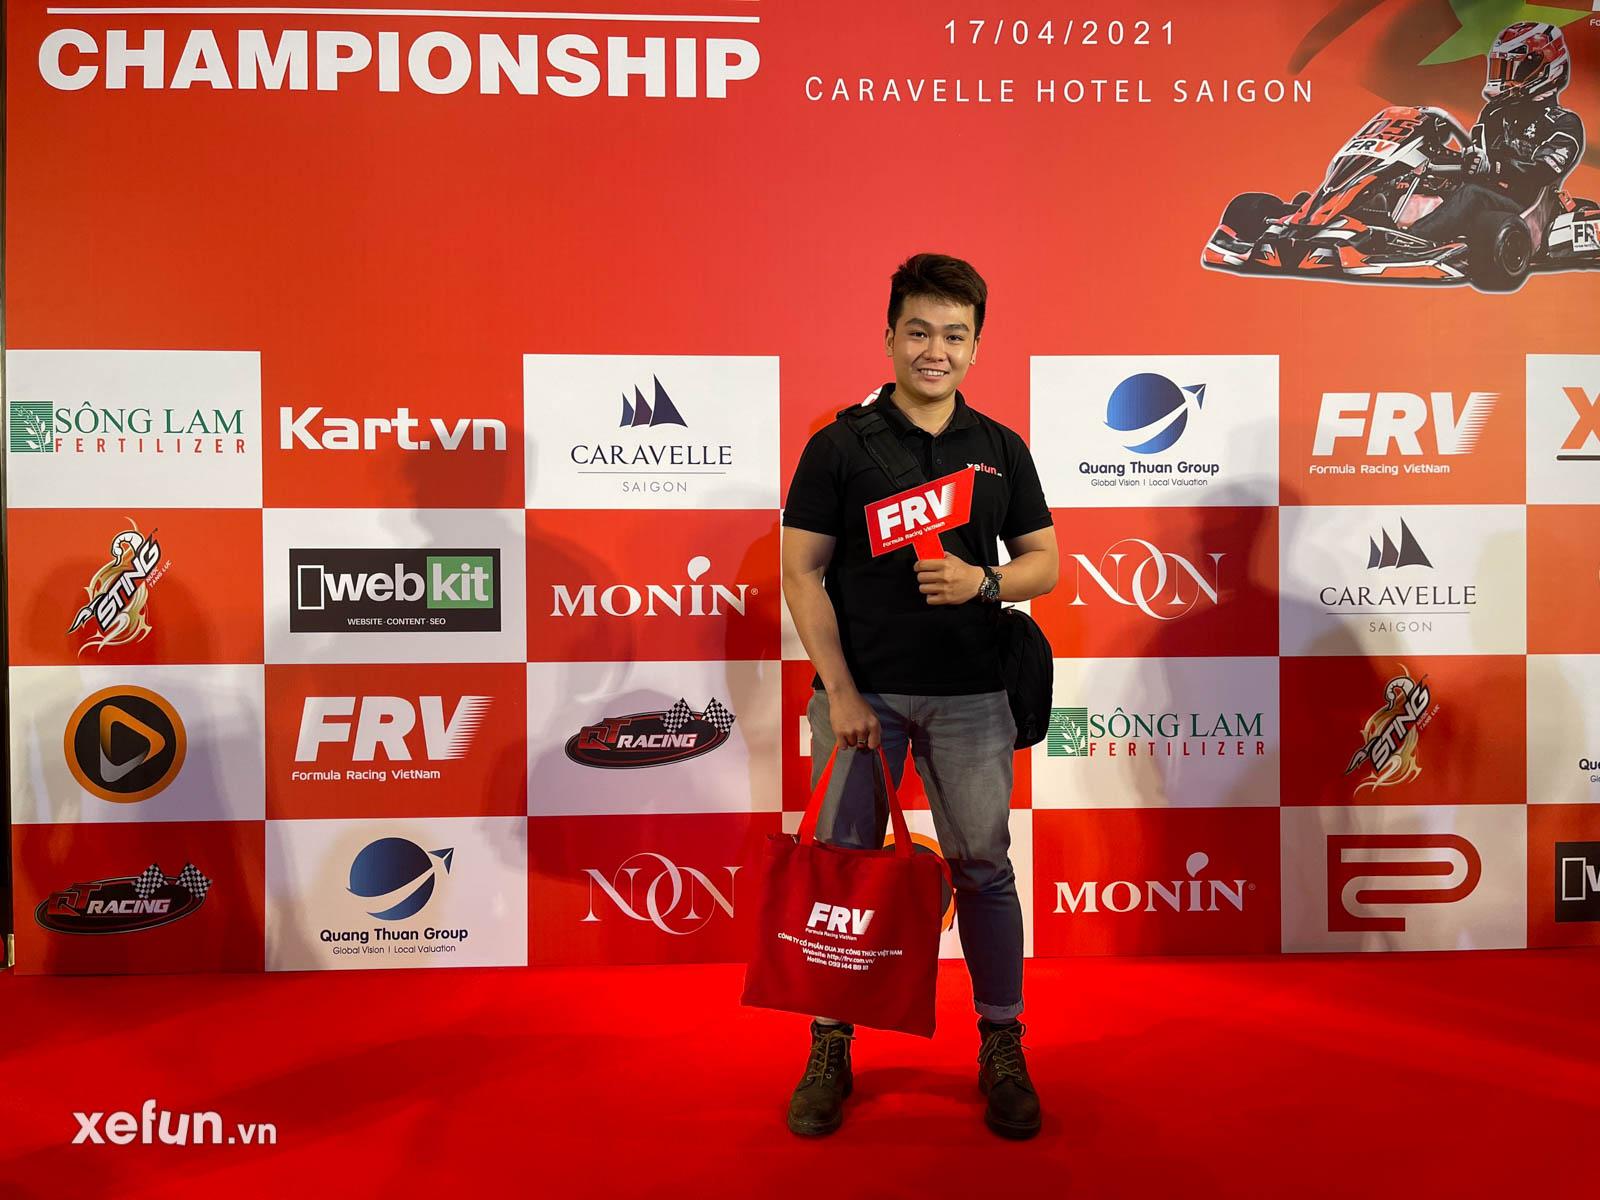 Giải đua Go Kart Southern Open Championship Formula Racing Vietnam trên Xefun (1)54756786